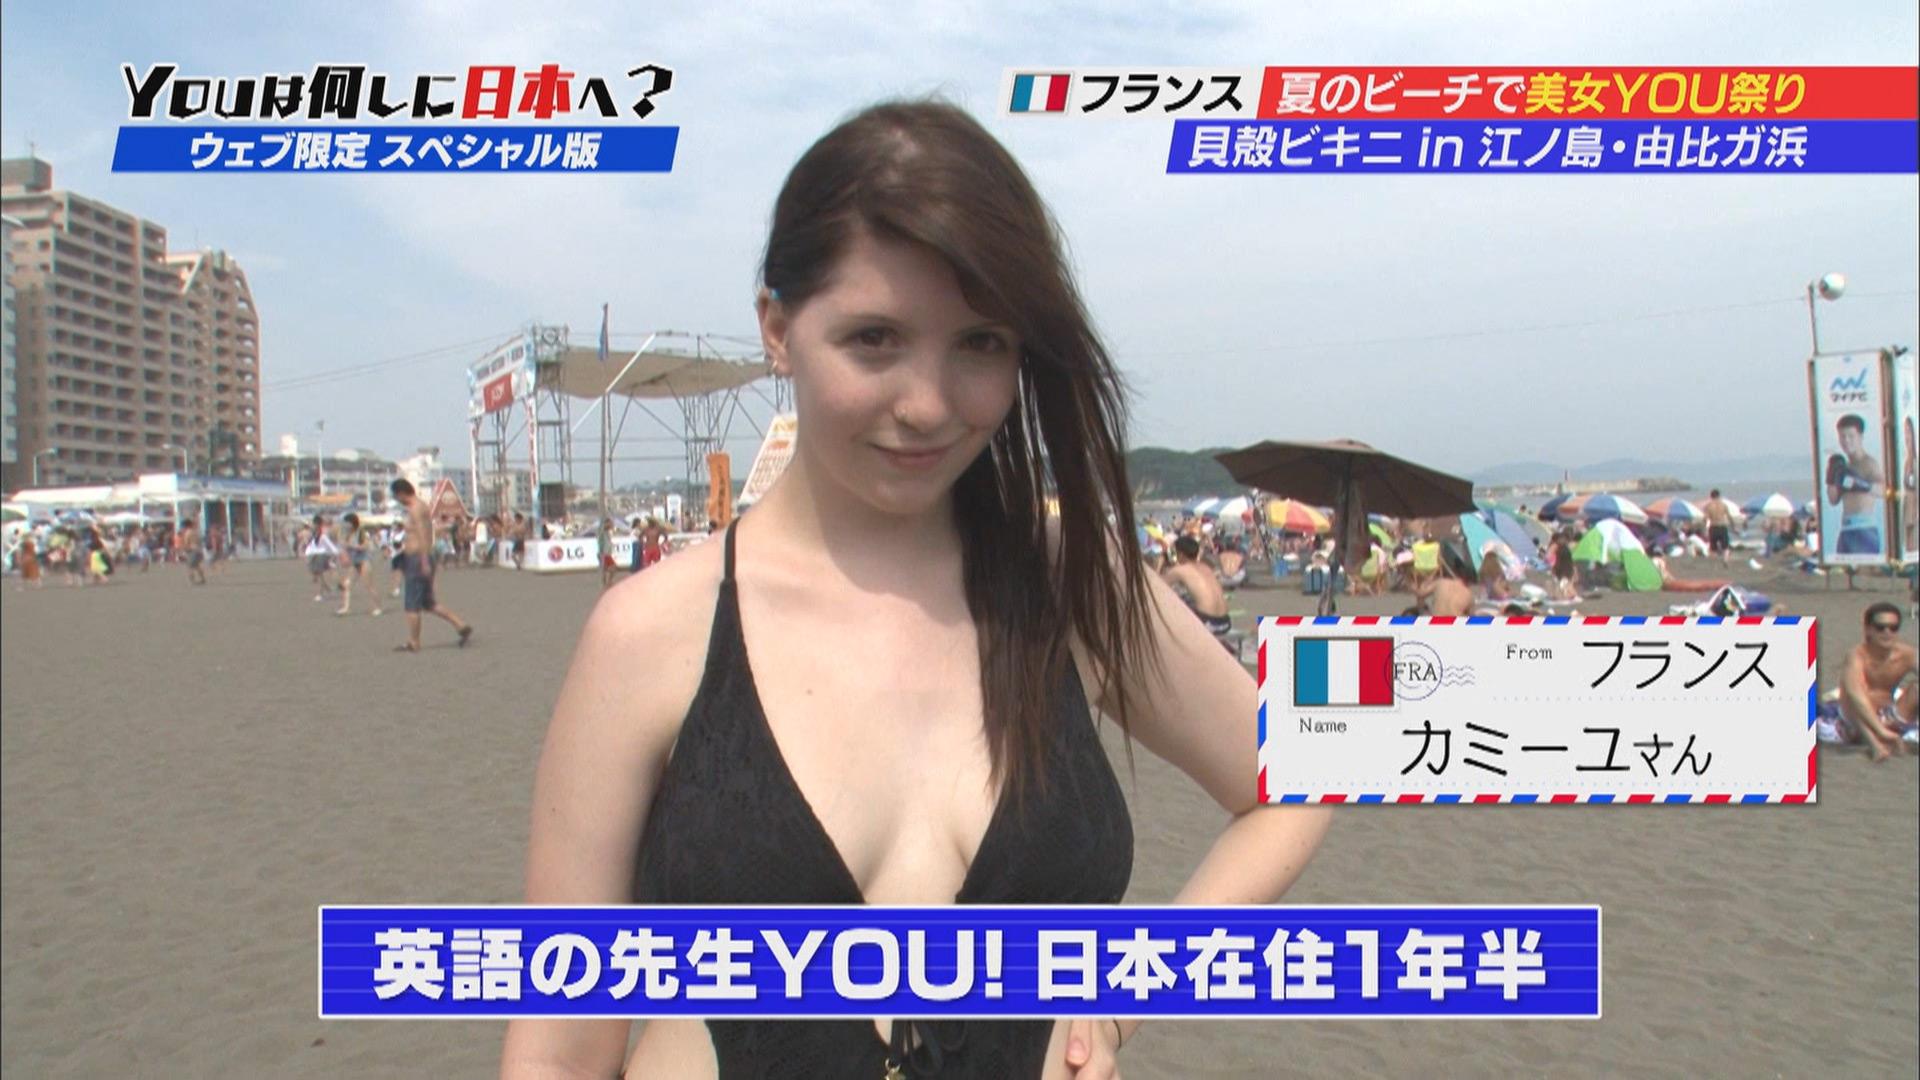 へ ユー し は 日本 何 に